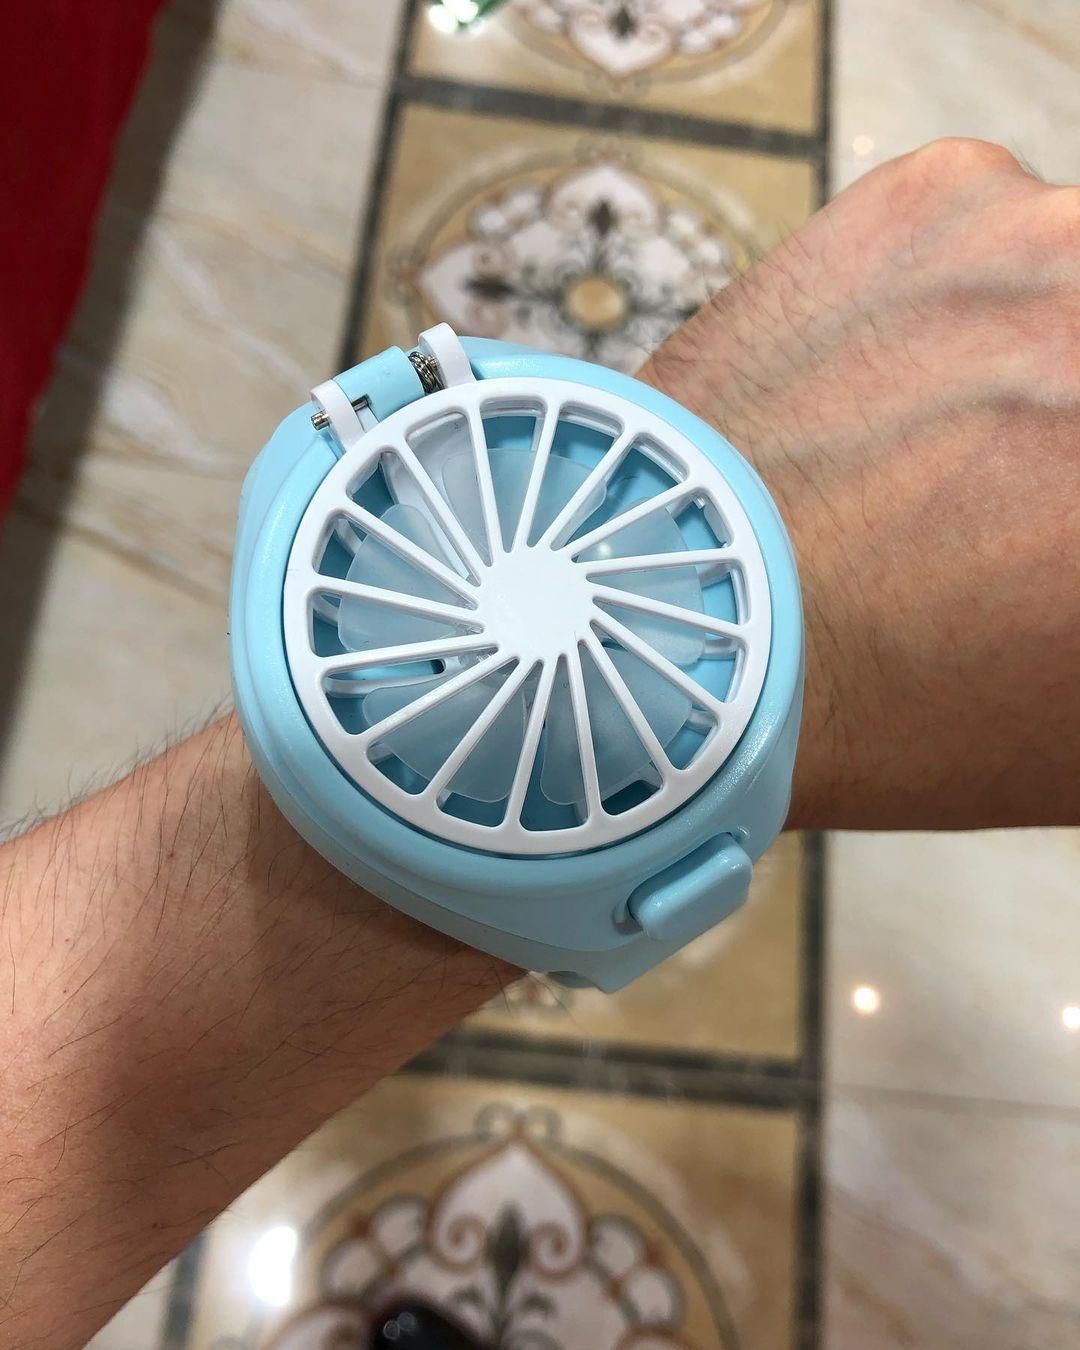 Reloj para el verano.jpg